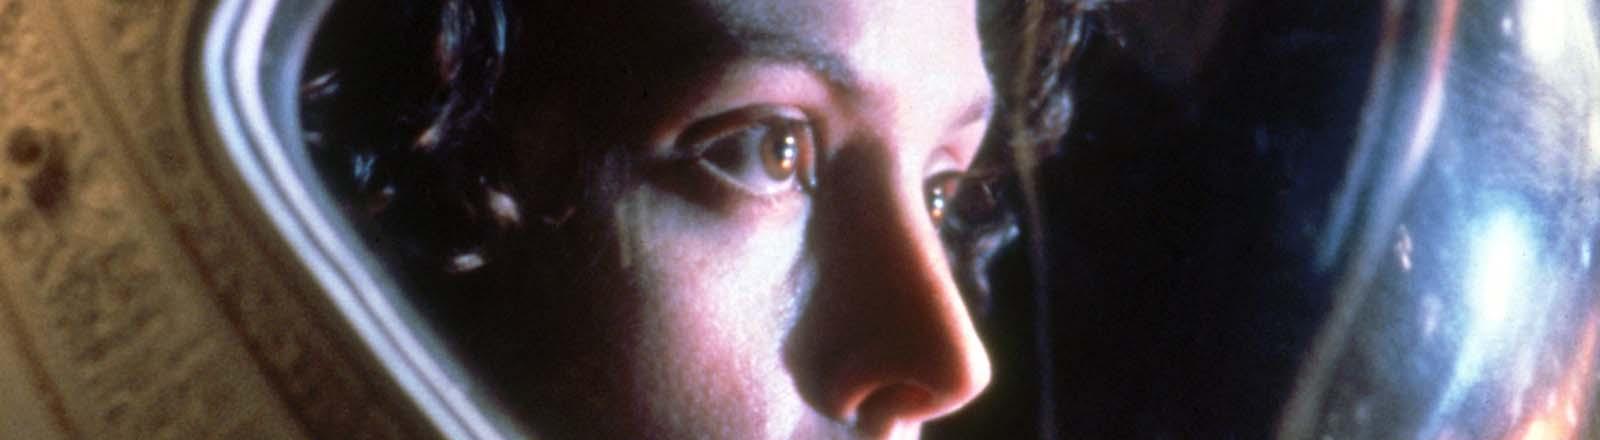 """Ellen Ripley (Sigourney Weaver) trägt in dem neuen Kinofilm """"Alien - Director's Cut"""" ihren schweren Raumfahrerhelm"""